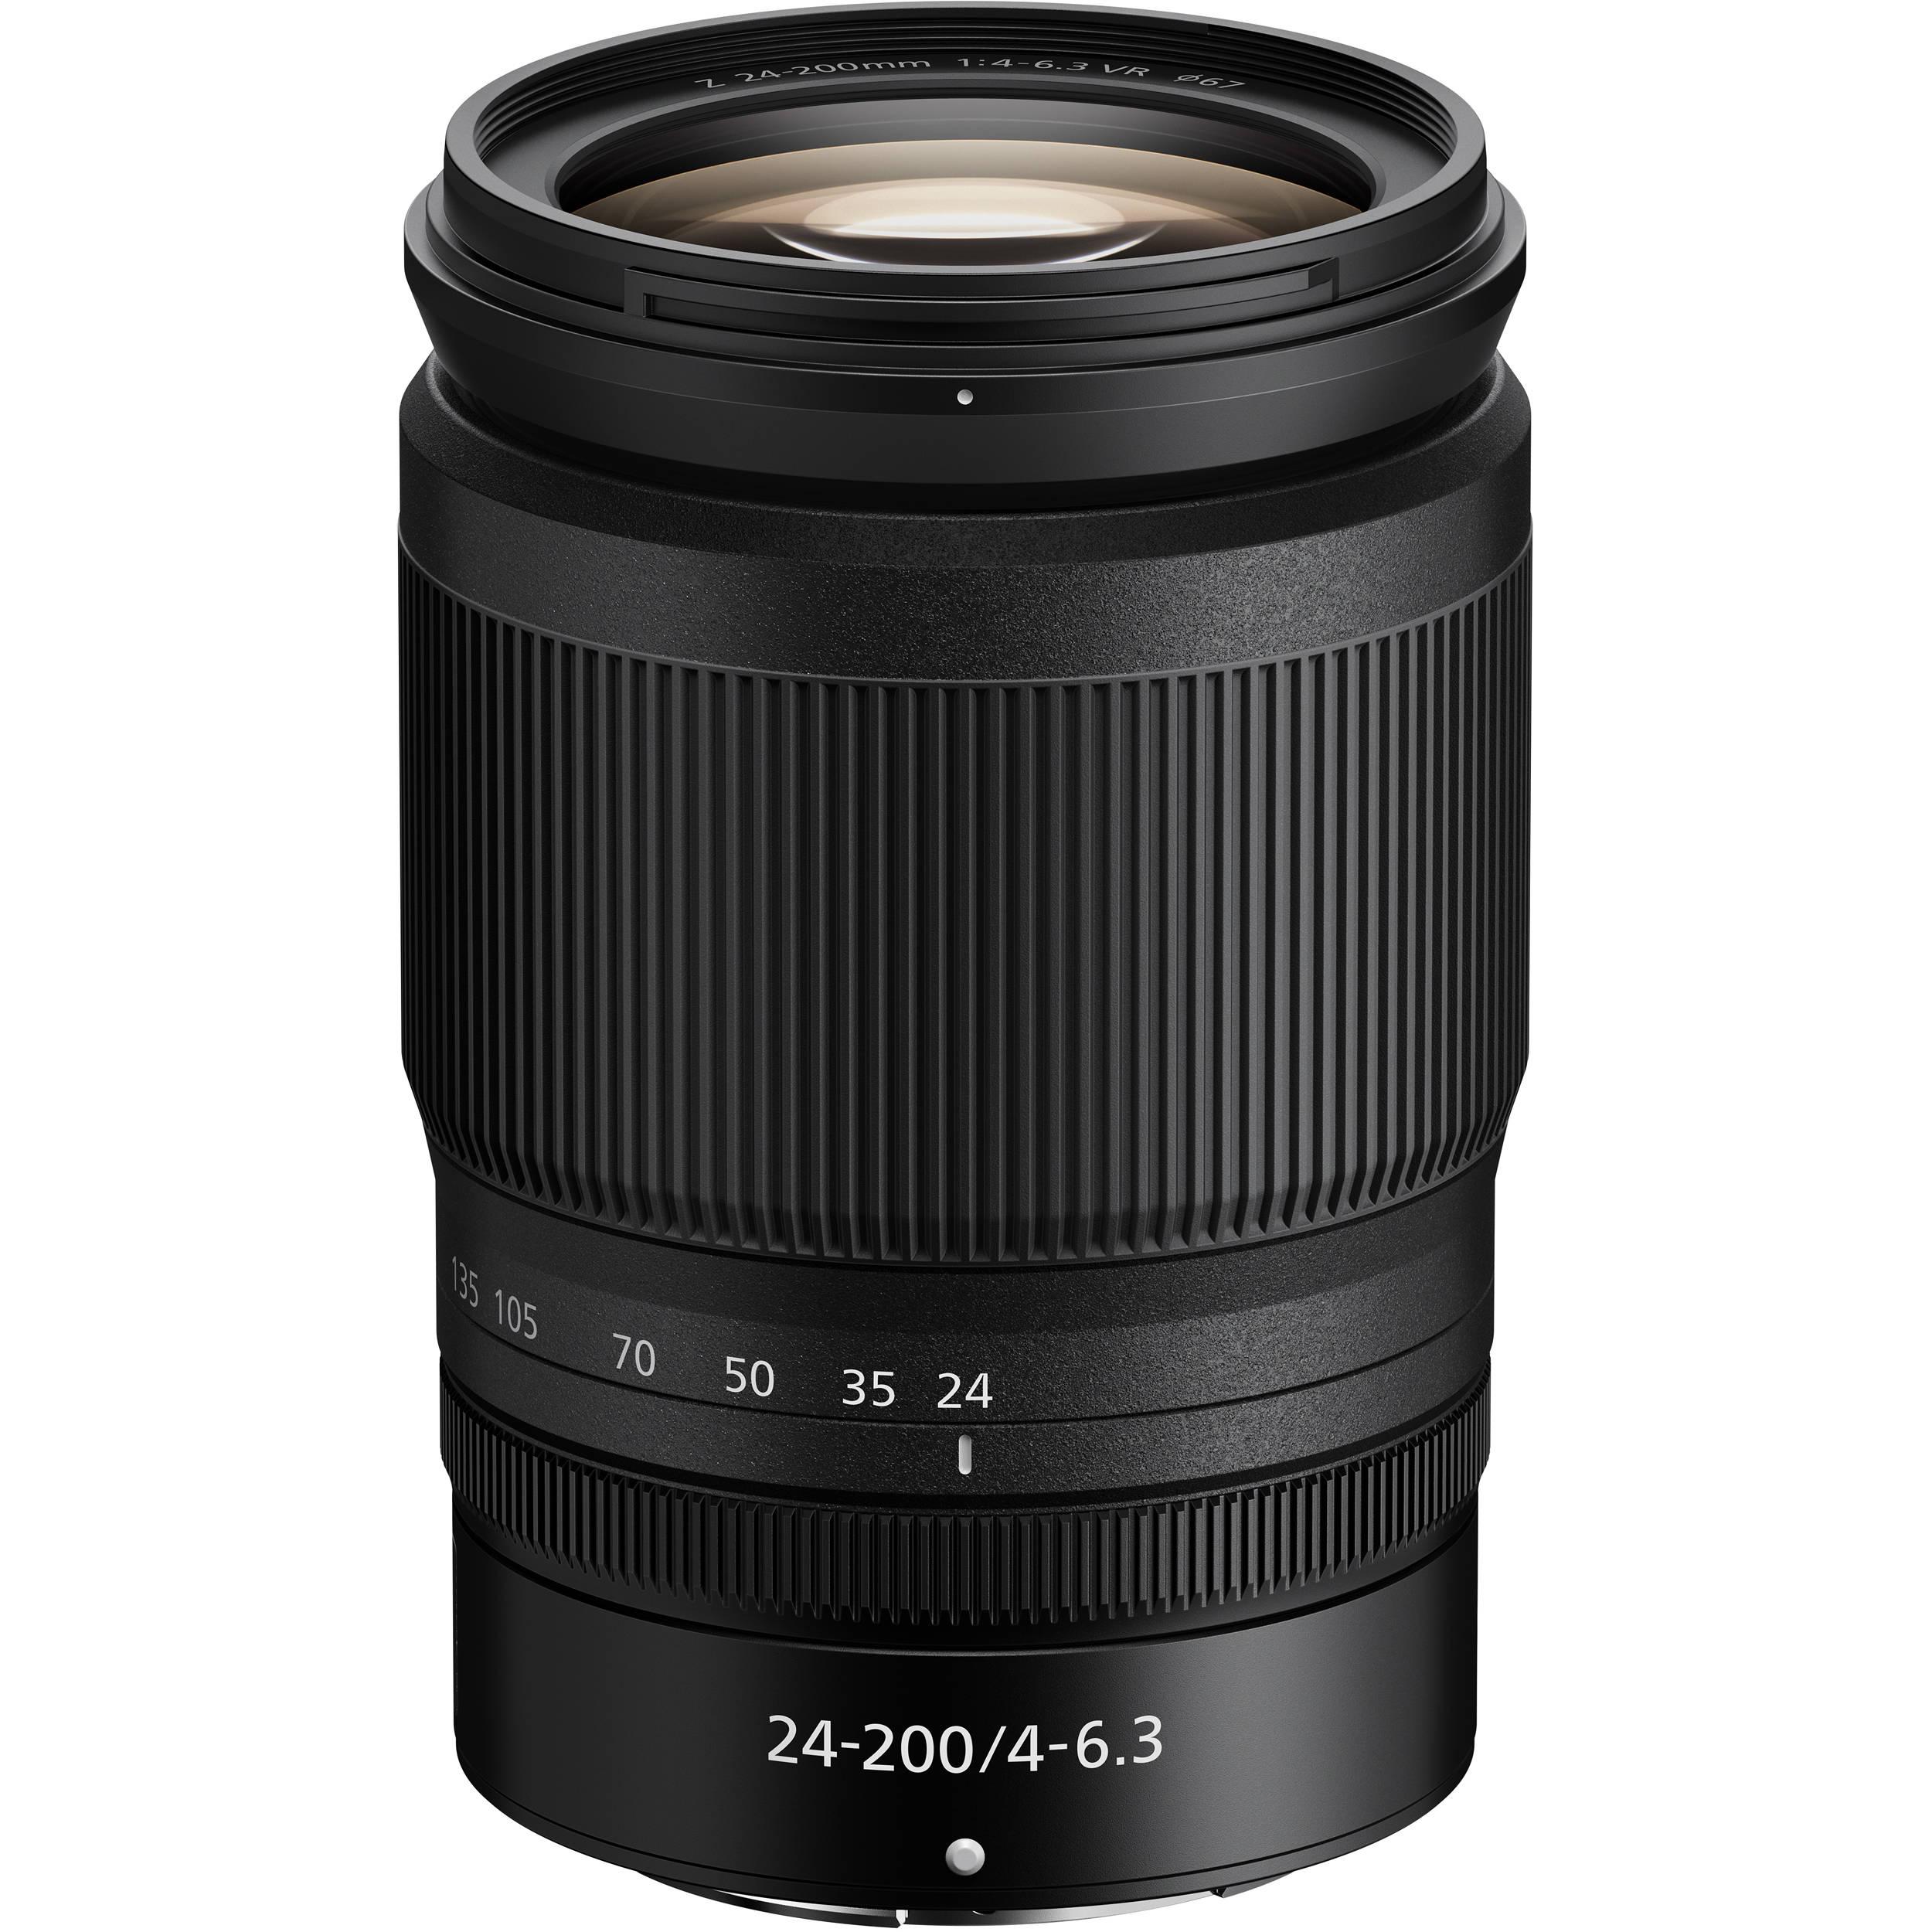 Nikon Nikkor Z 24-200 f/4-6.3 lens review